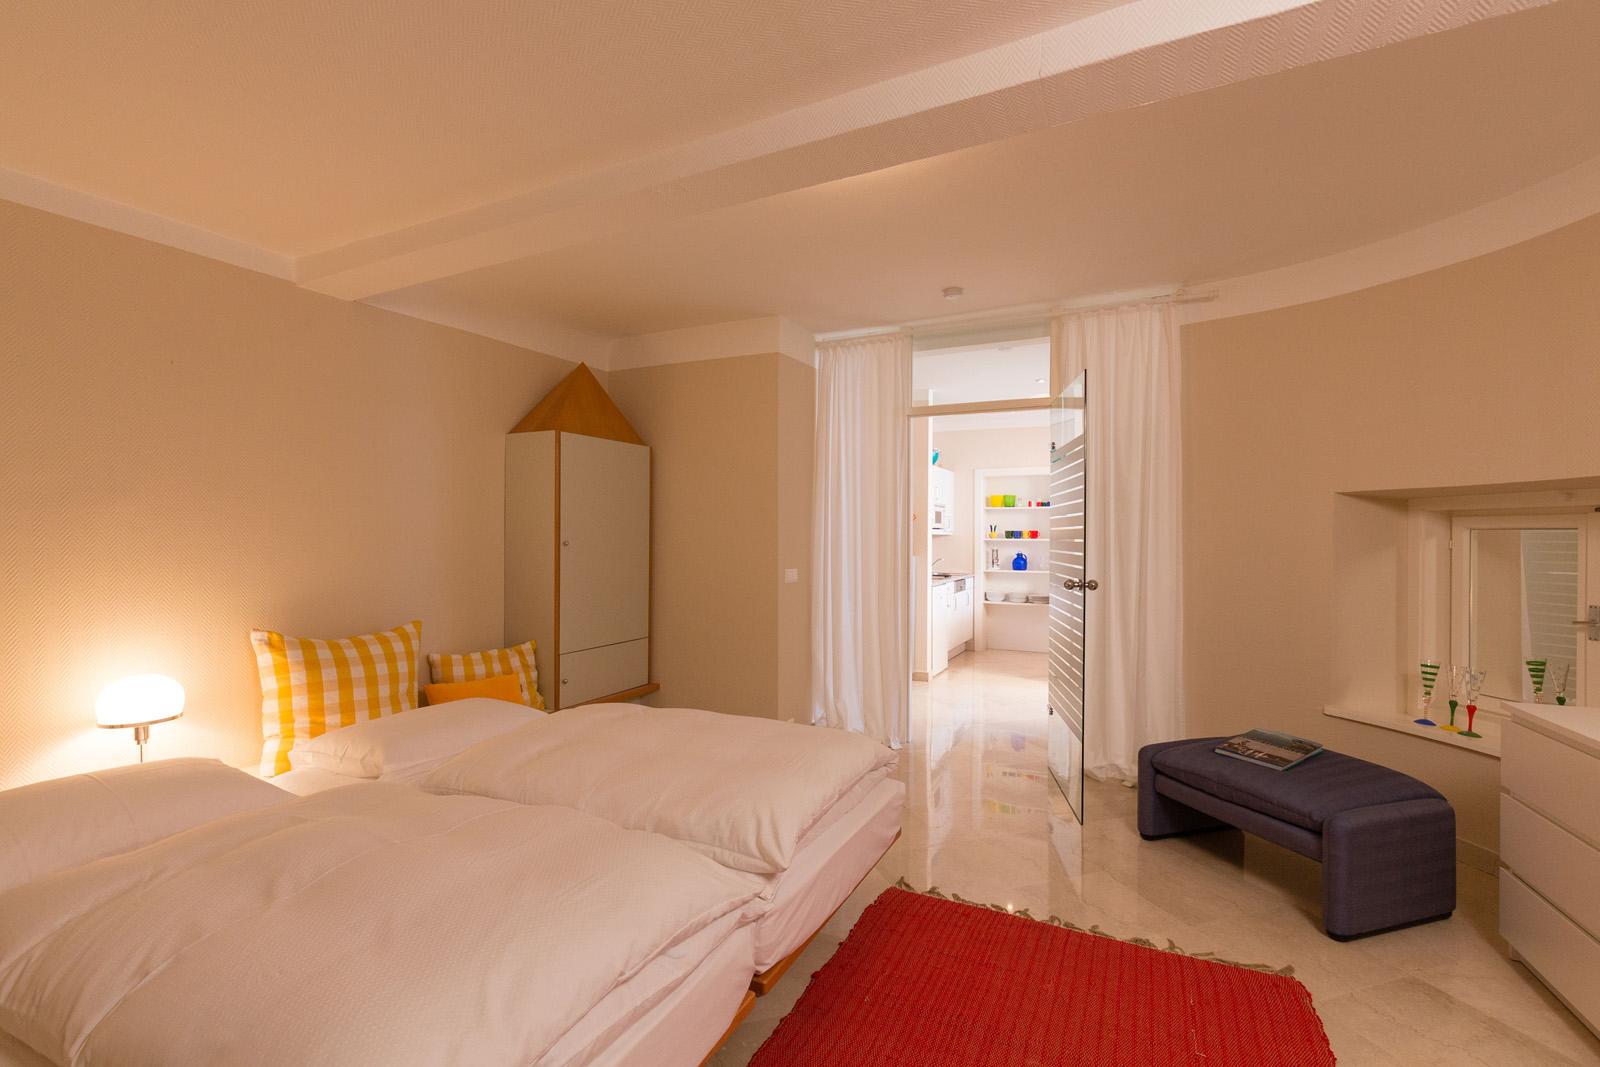 VillaChrista_Appartements_Erdgeschoss_04